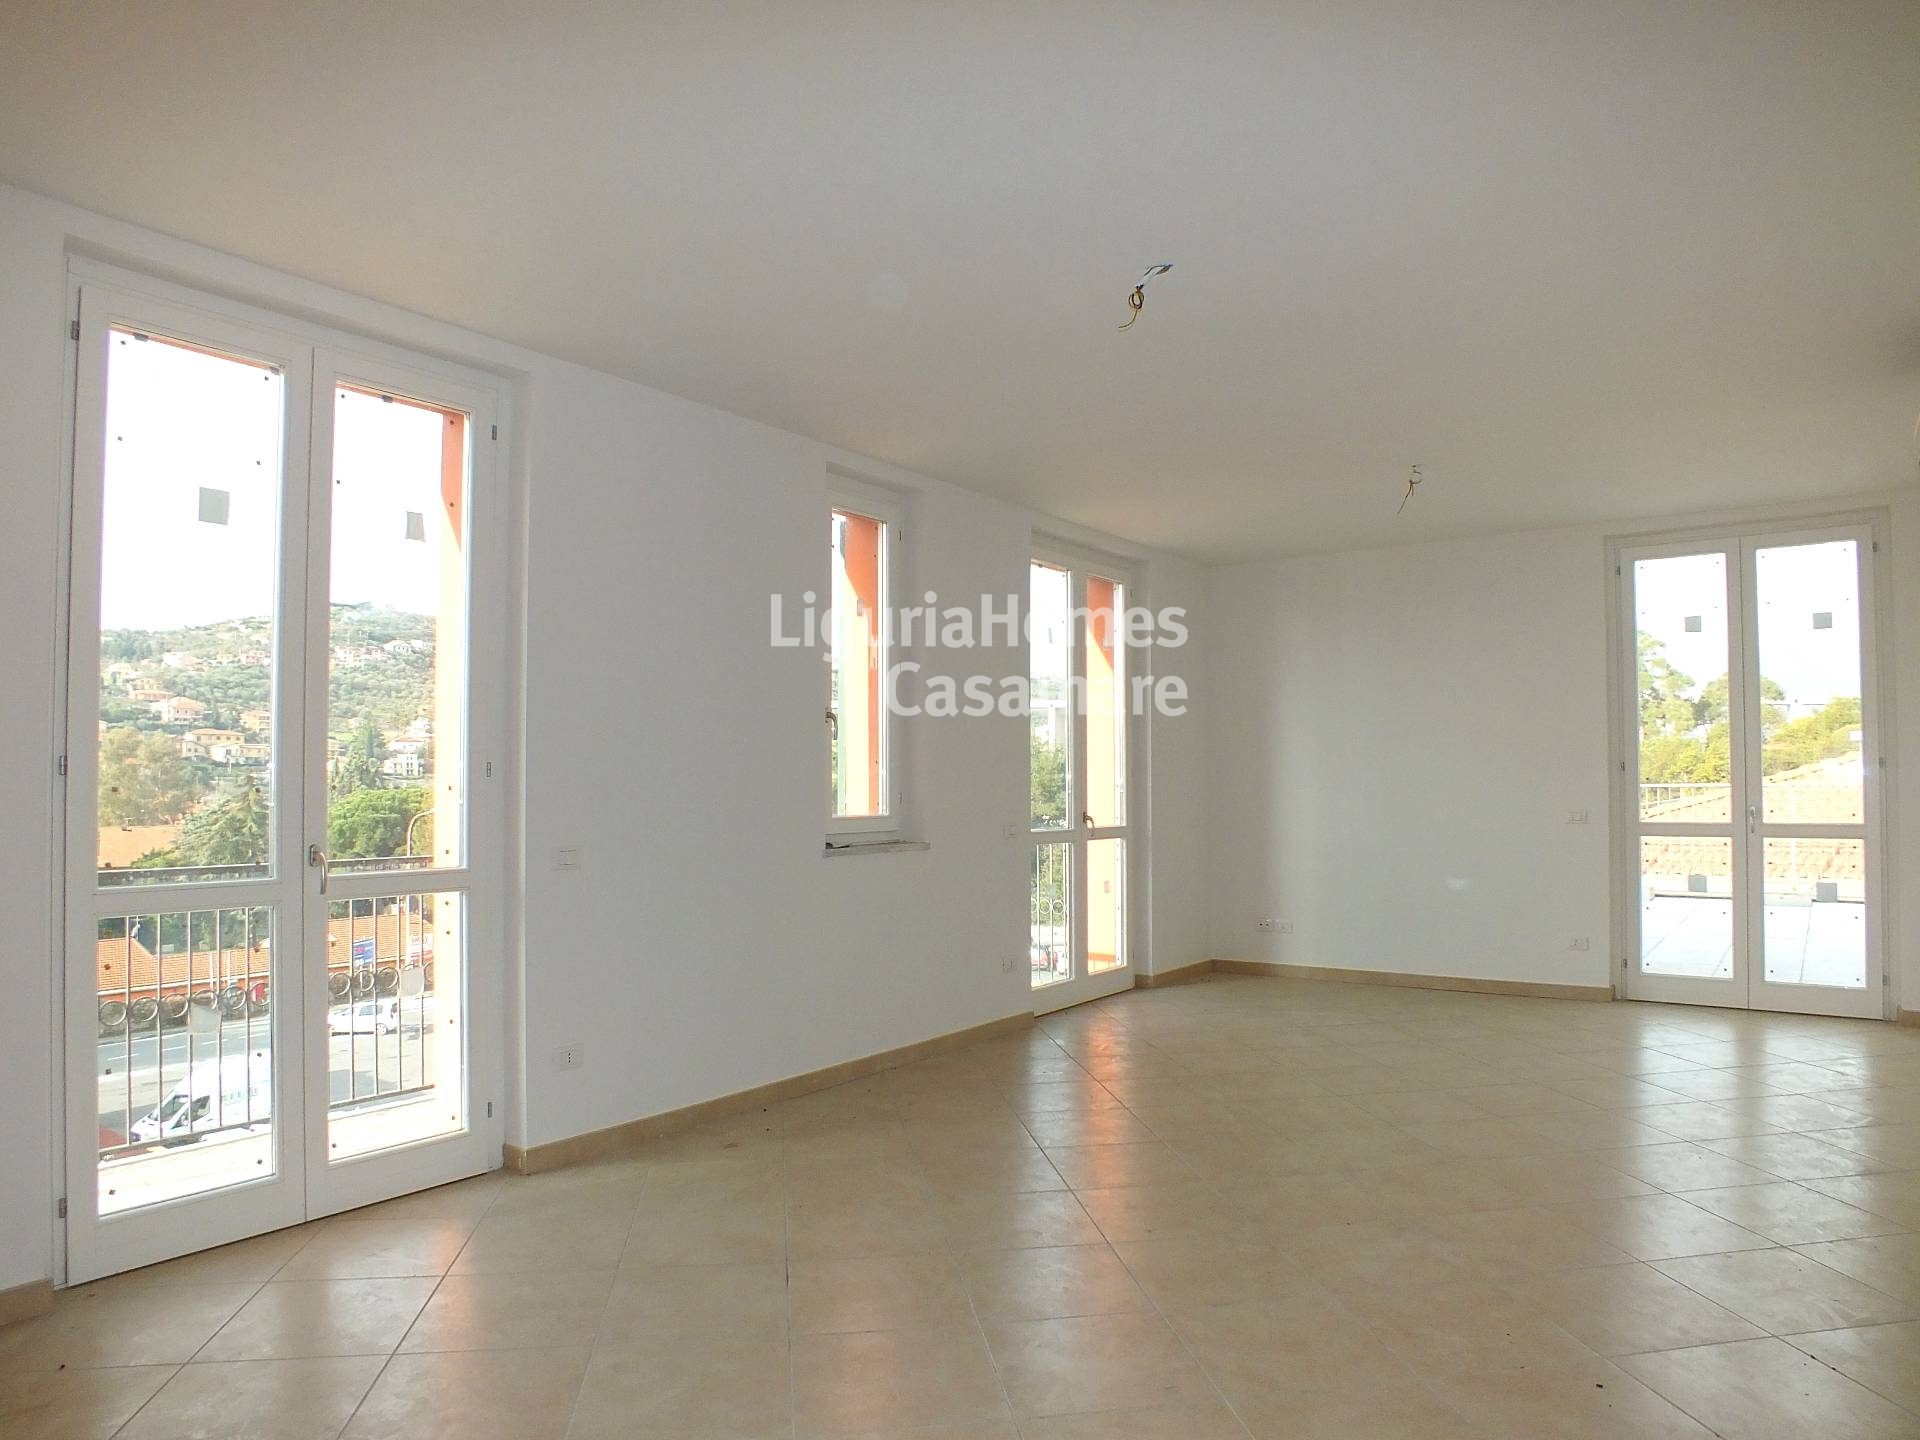 Appartamento in vendita a Imperia, 4 locali, prezzo € 345.000 | Cambio Casa.it